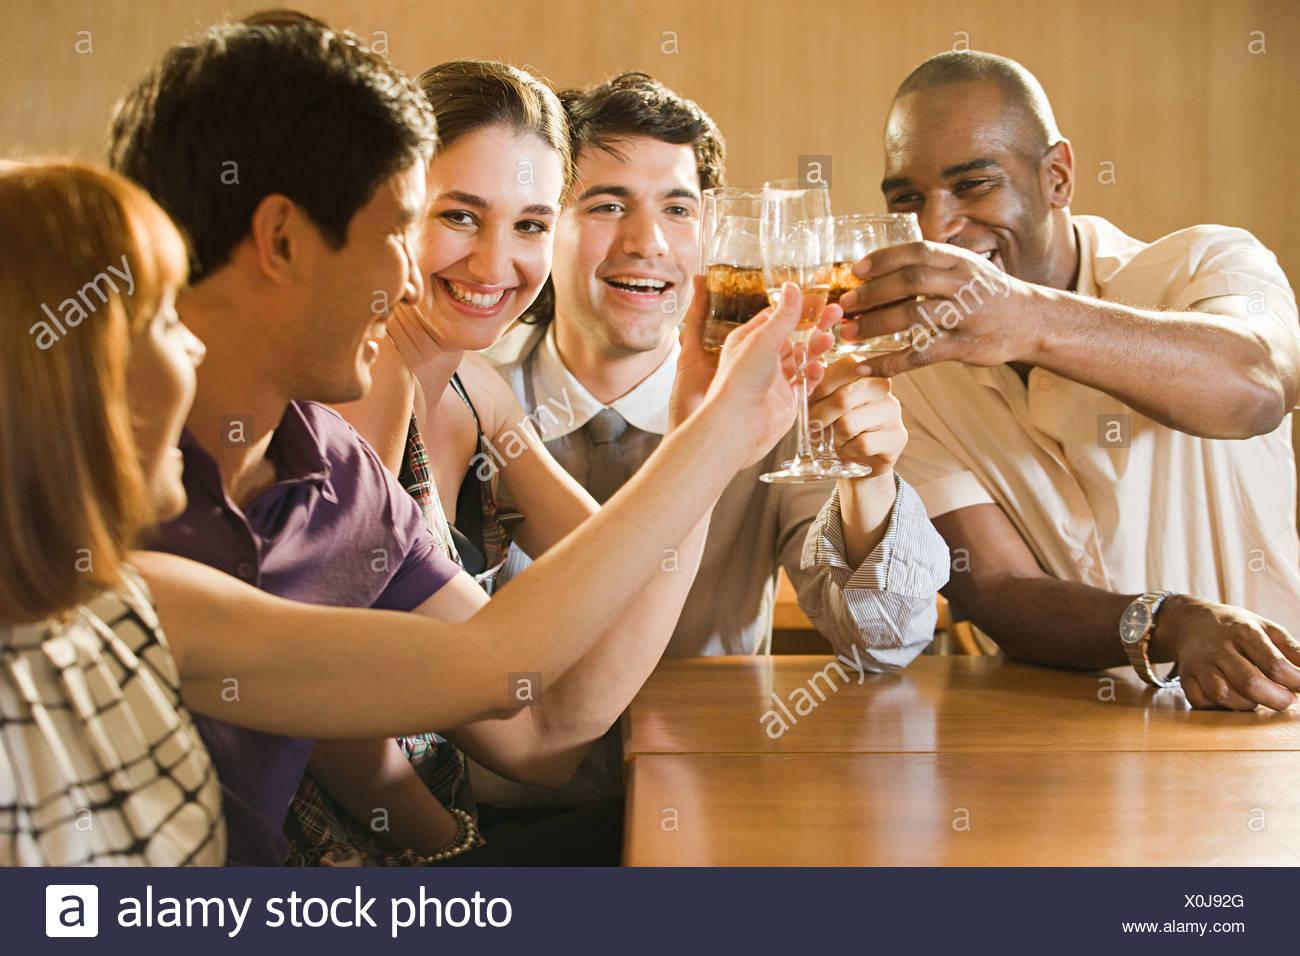 Amici a celebrare in un bar Immagini Stock